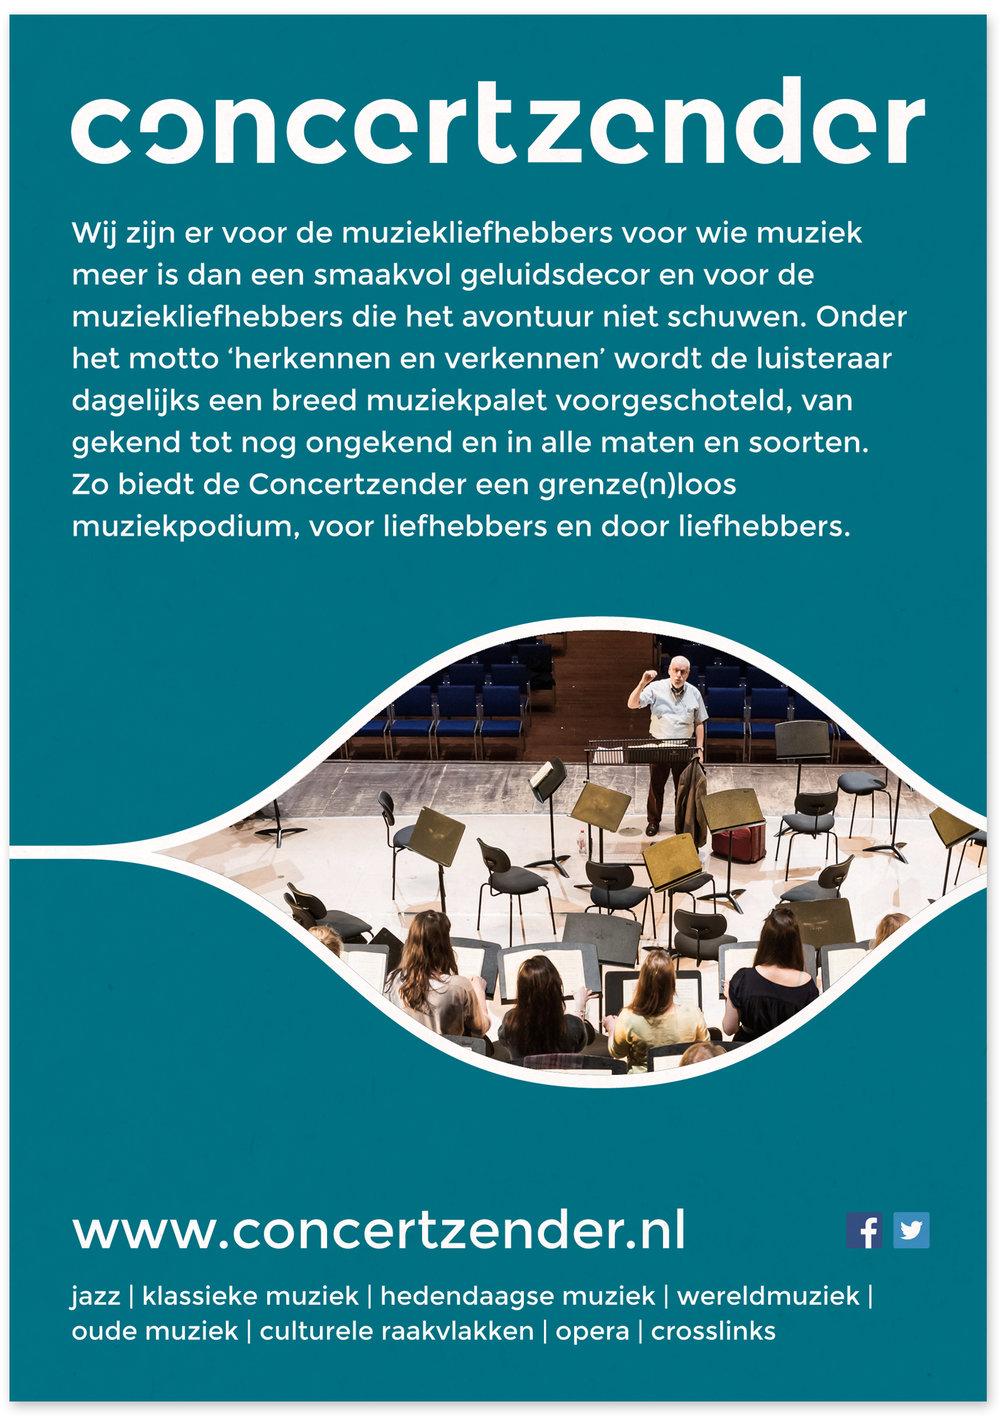 studio_colorado-concertzender-flyer-4